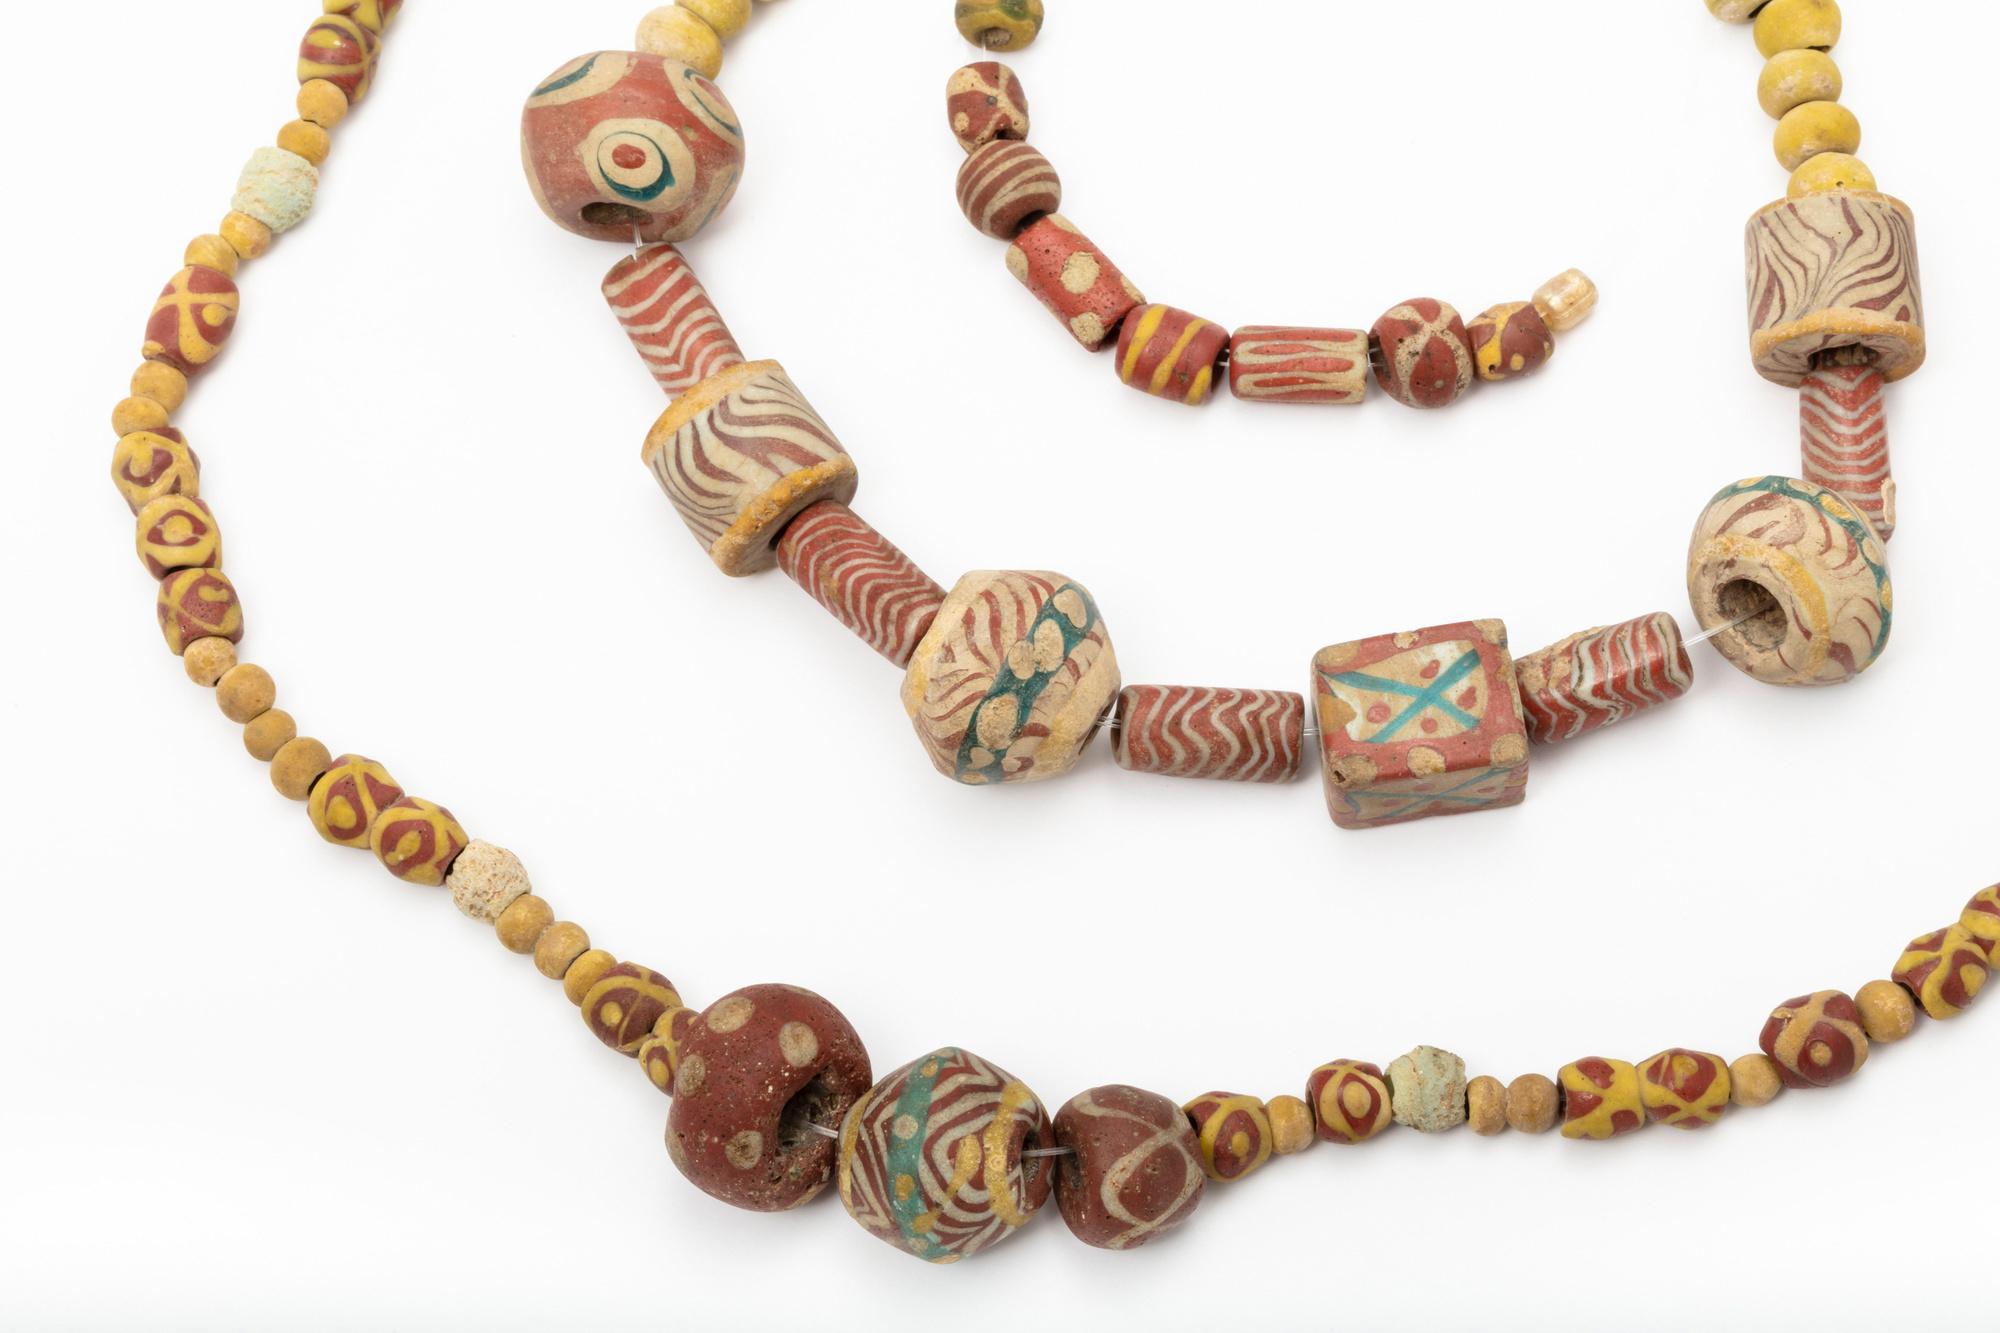 Colliers en ambre, verre et matière osseuse., B. Felgenhauer (MRM)